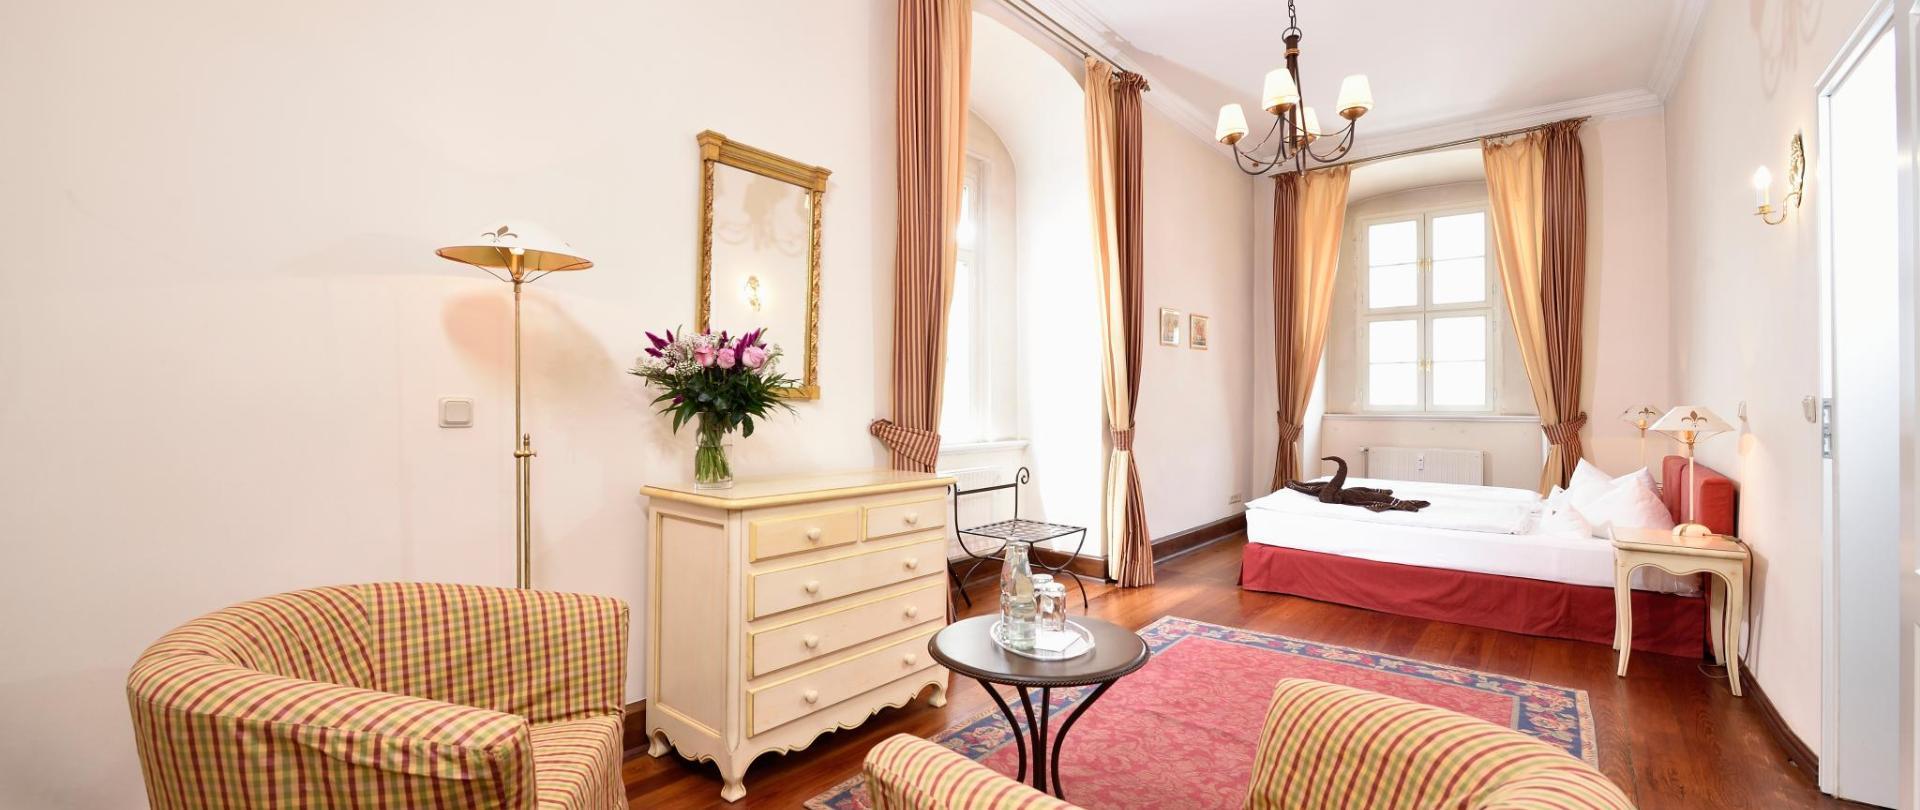 Hotel_GvM_057.jpg